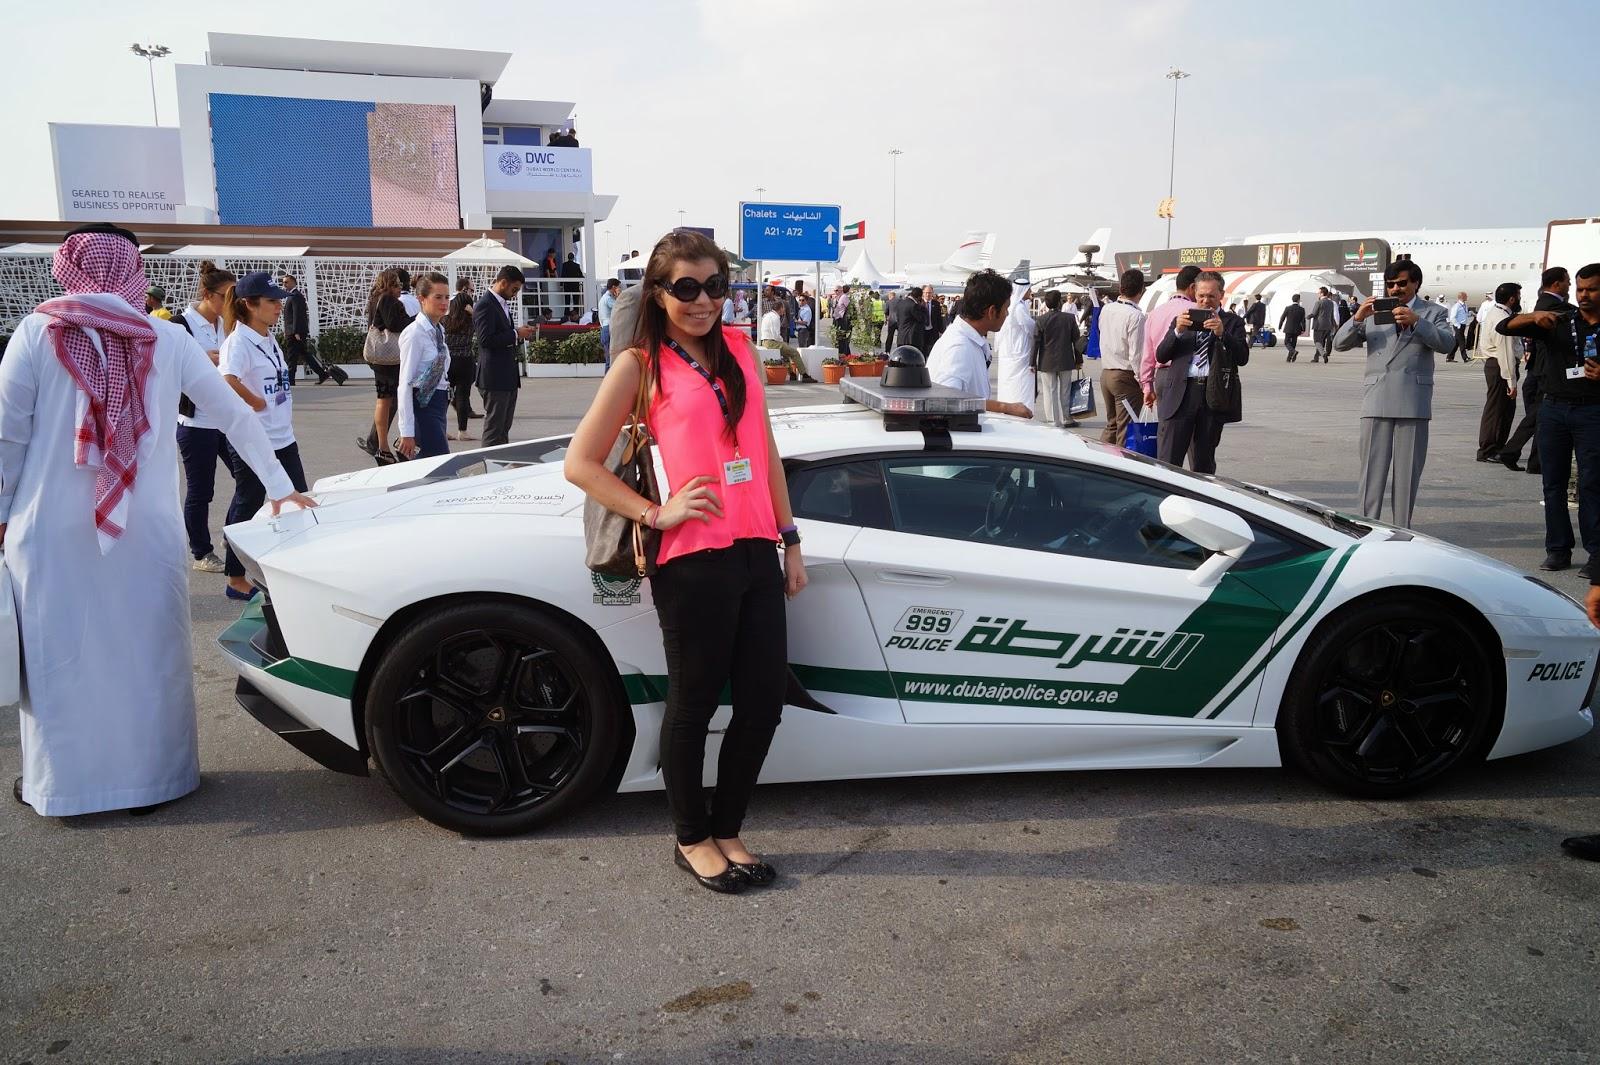 Dubai Air Show '13 Diary